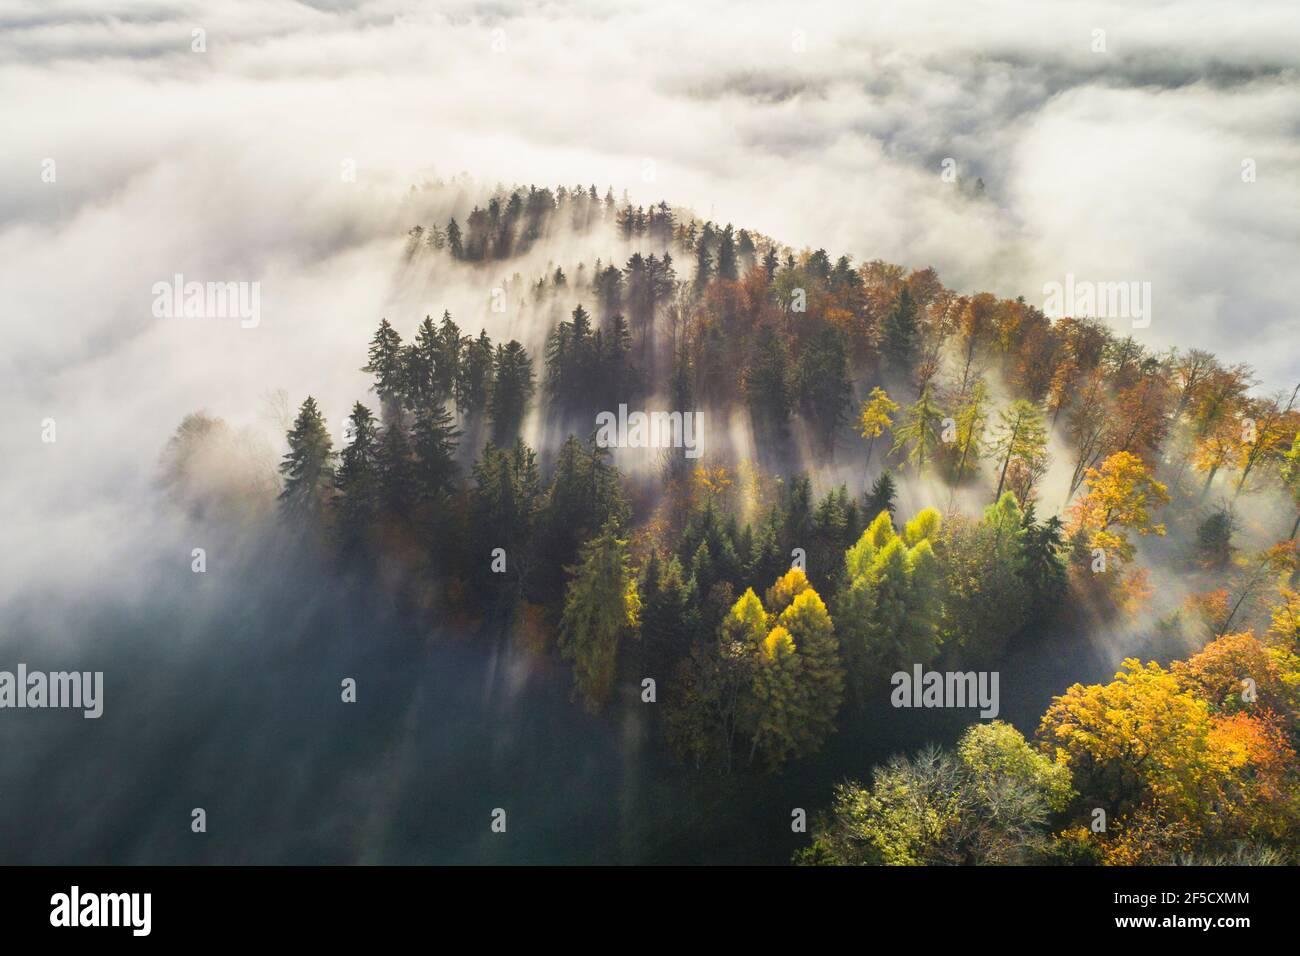 Geografía / viajes, Suiza, bosque con obleas de niebla, Zuercher Oberland (tierras altas de Zurich, Derechos adicionales-Clearance-Info-no-disponible Foto de stock